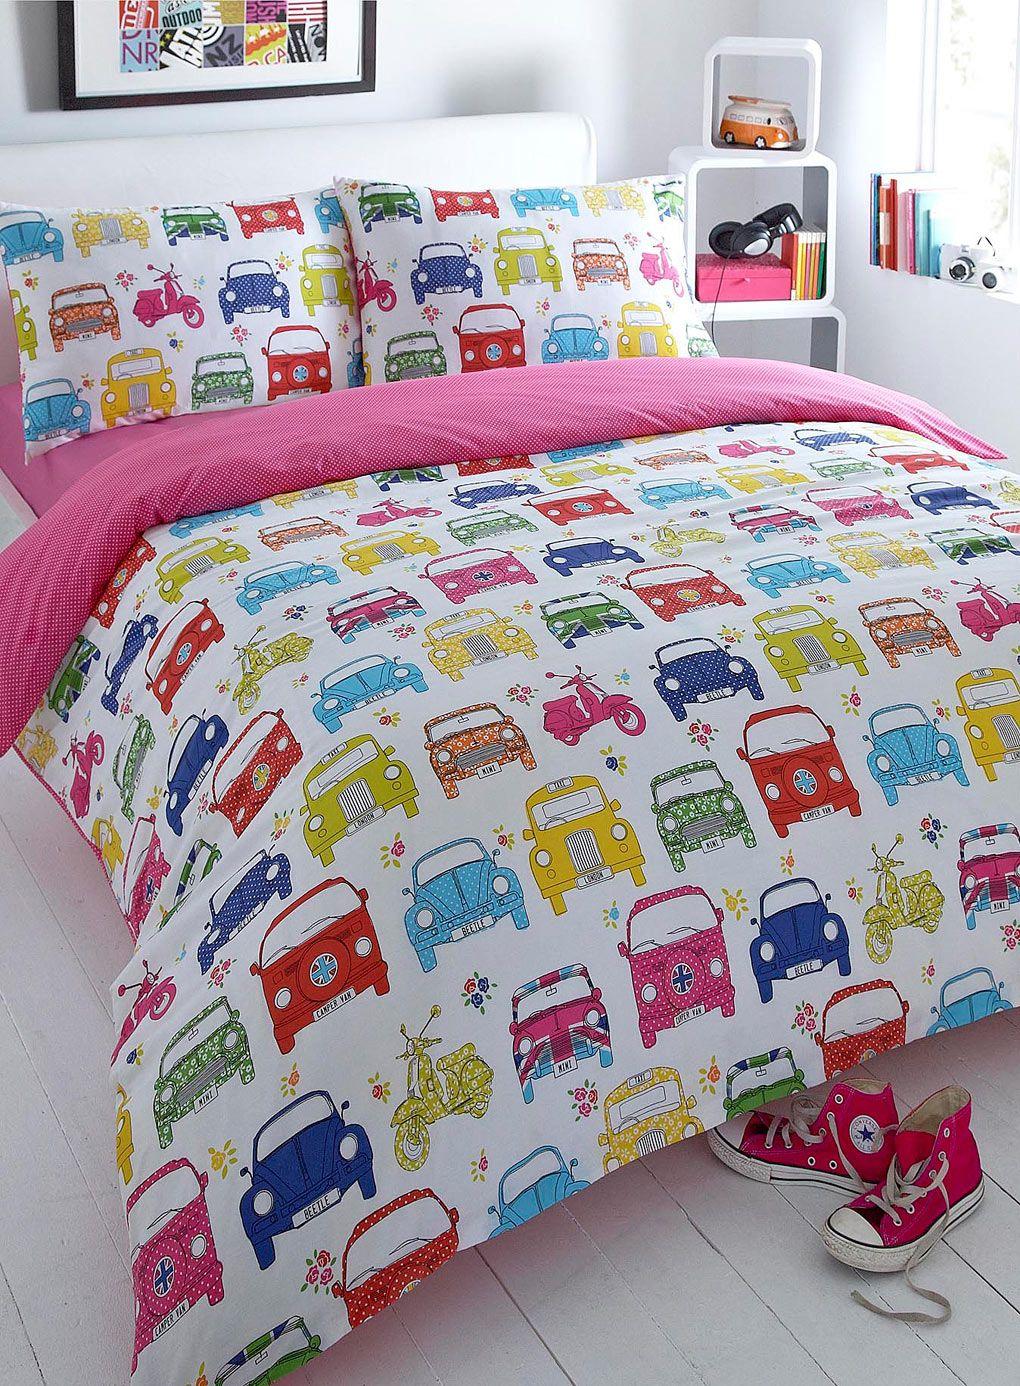 Shut the front door! I MUST HAVE this bedding! Bedroom